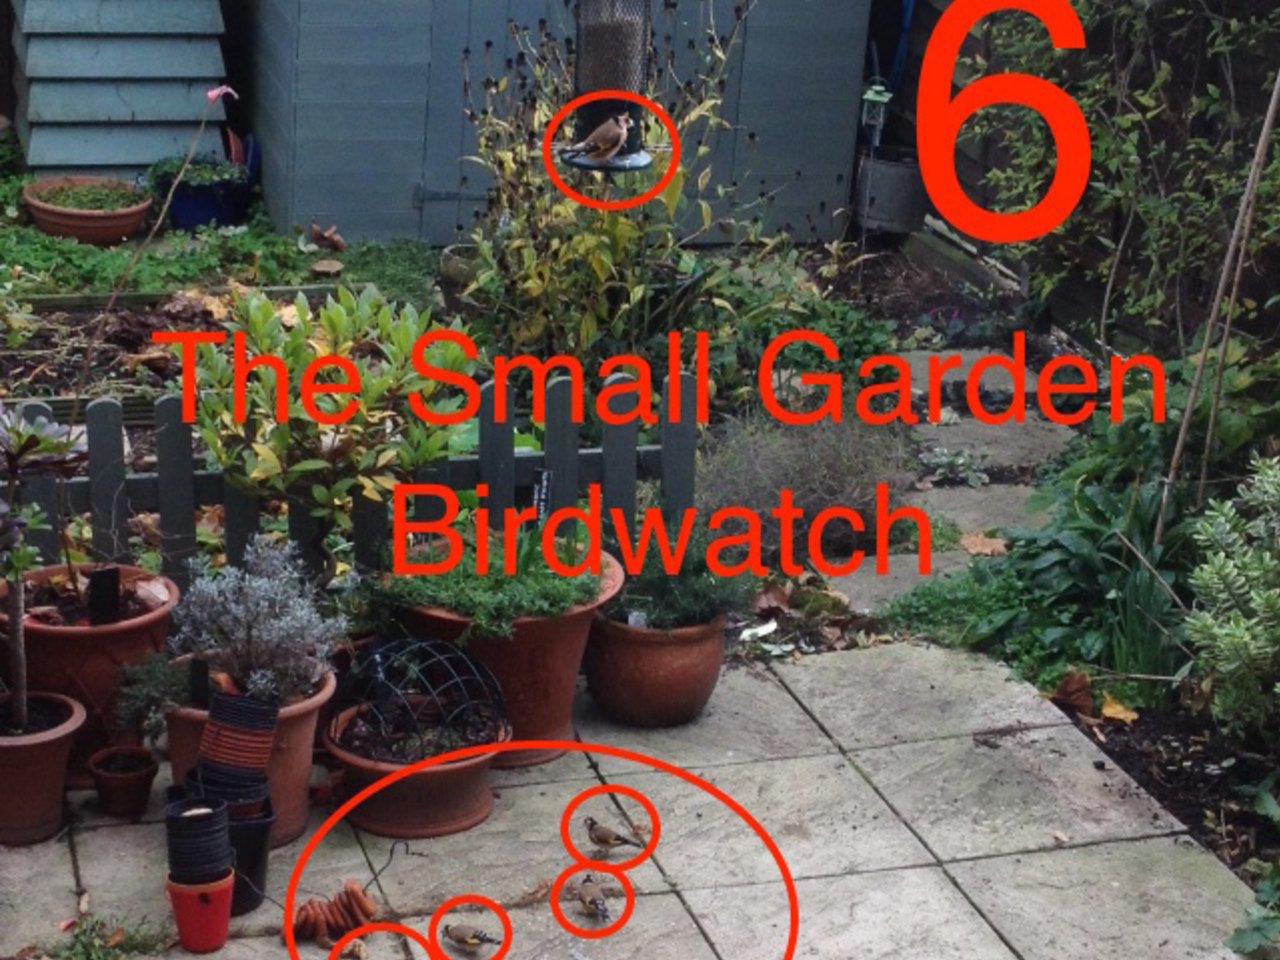 The Small Garden Birdwatch